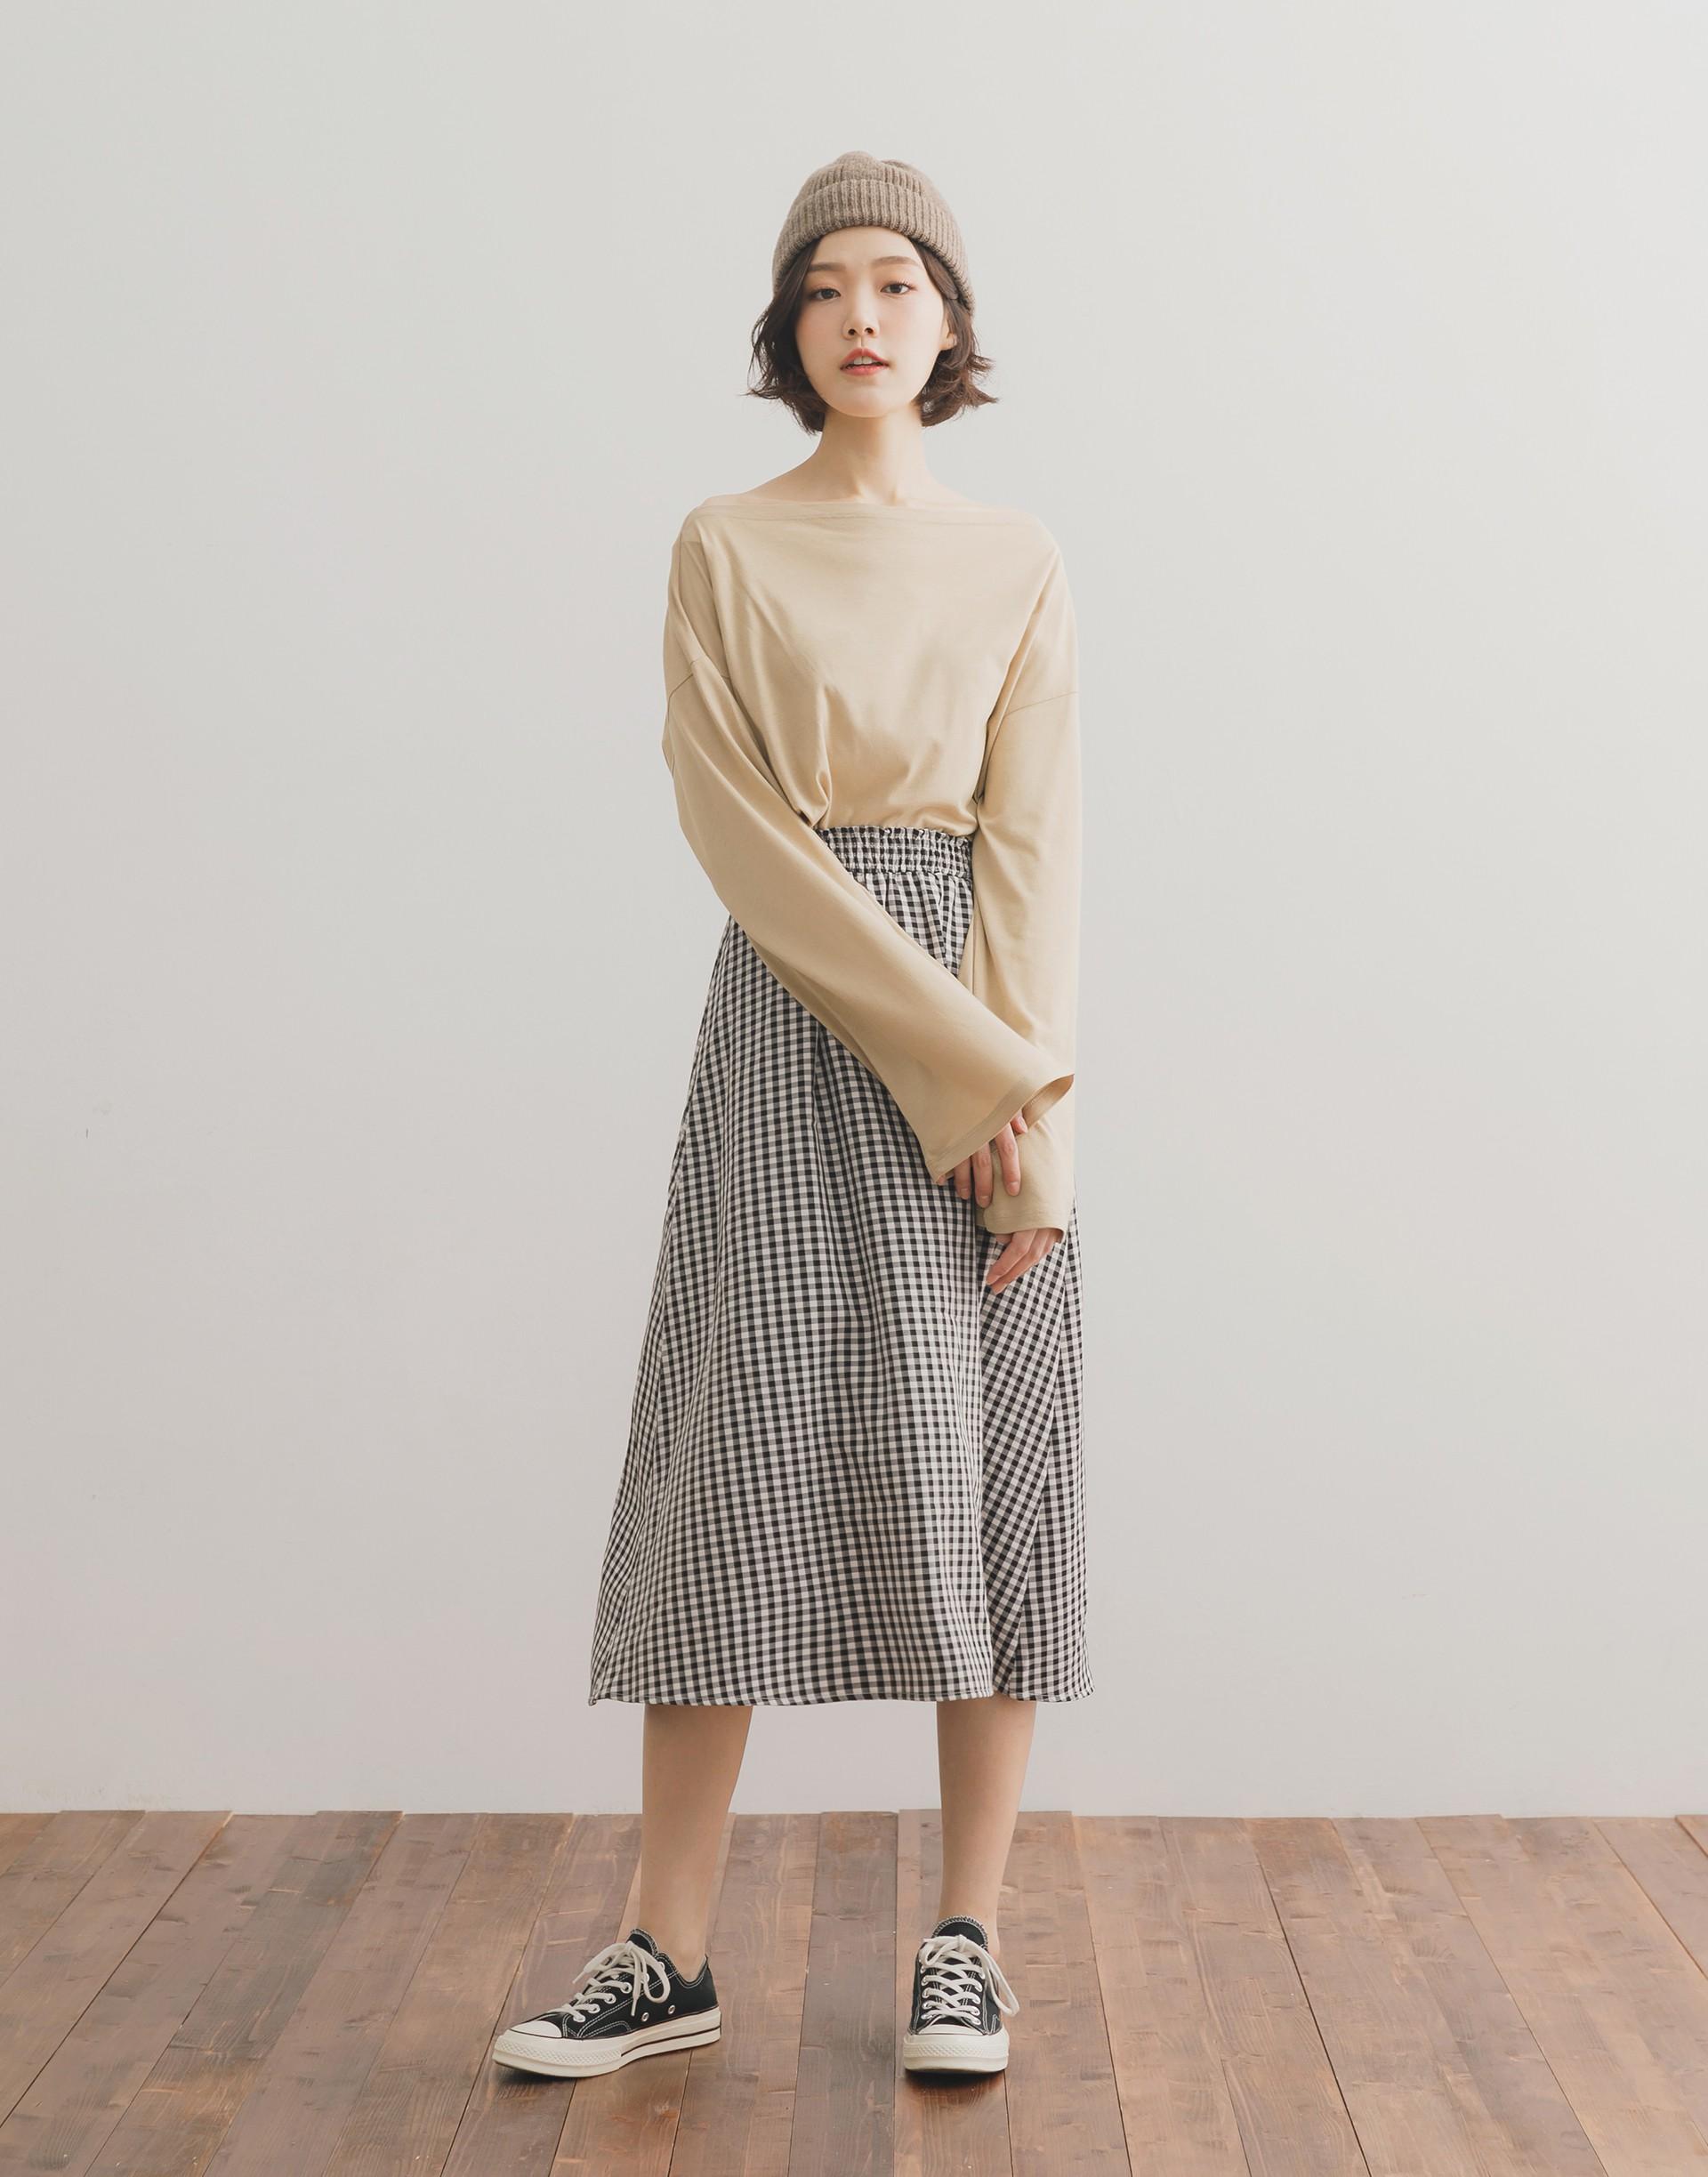 彈性:適中 柔軟親膚棉料、船型領設計、簡單耐看、舒適好穿